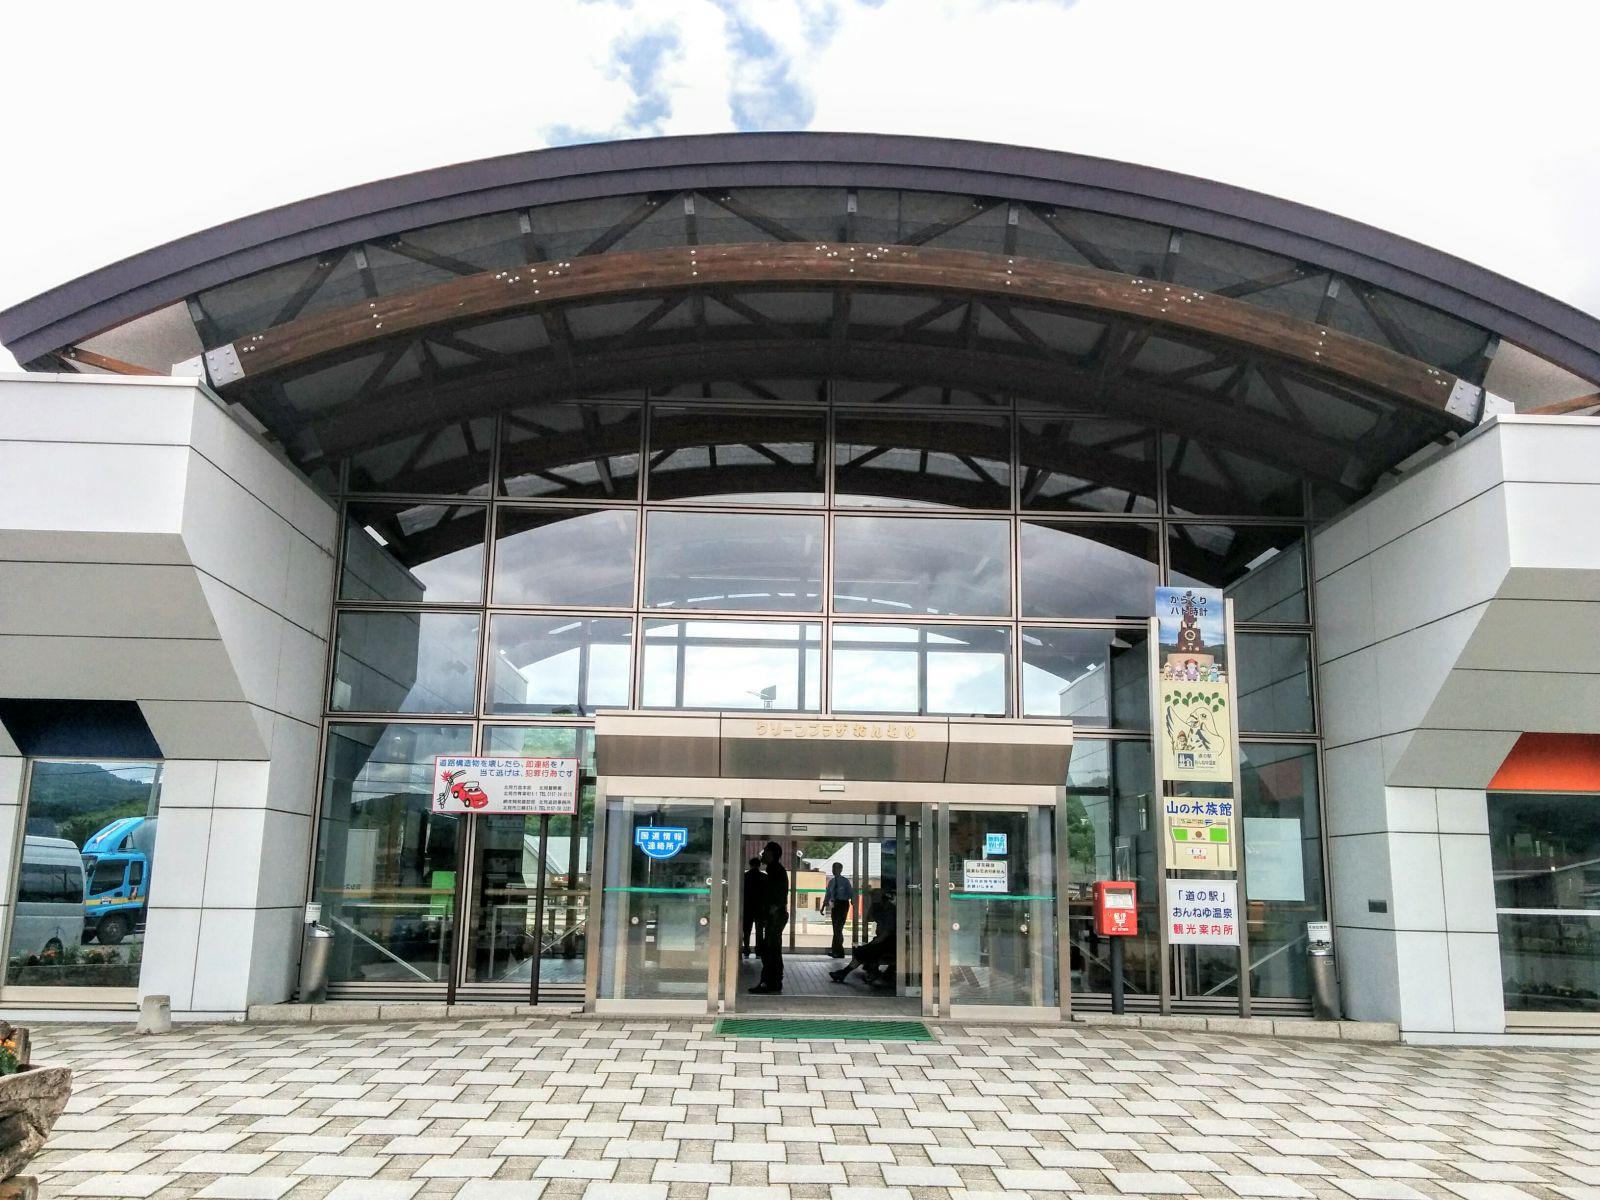 【北見ジャンボタクシー】道の駅温根湯観光案内です。